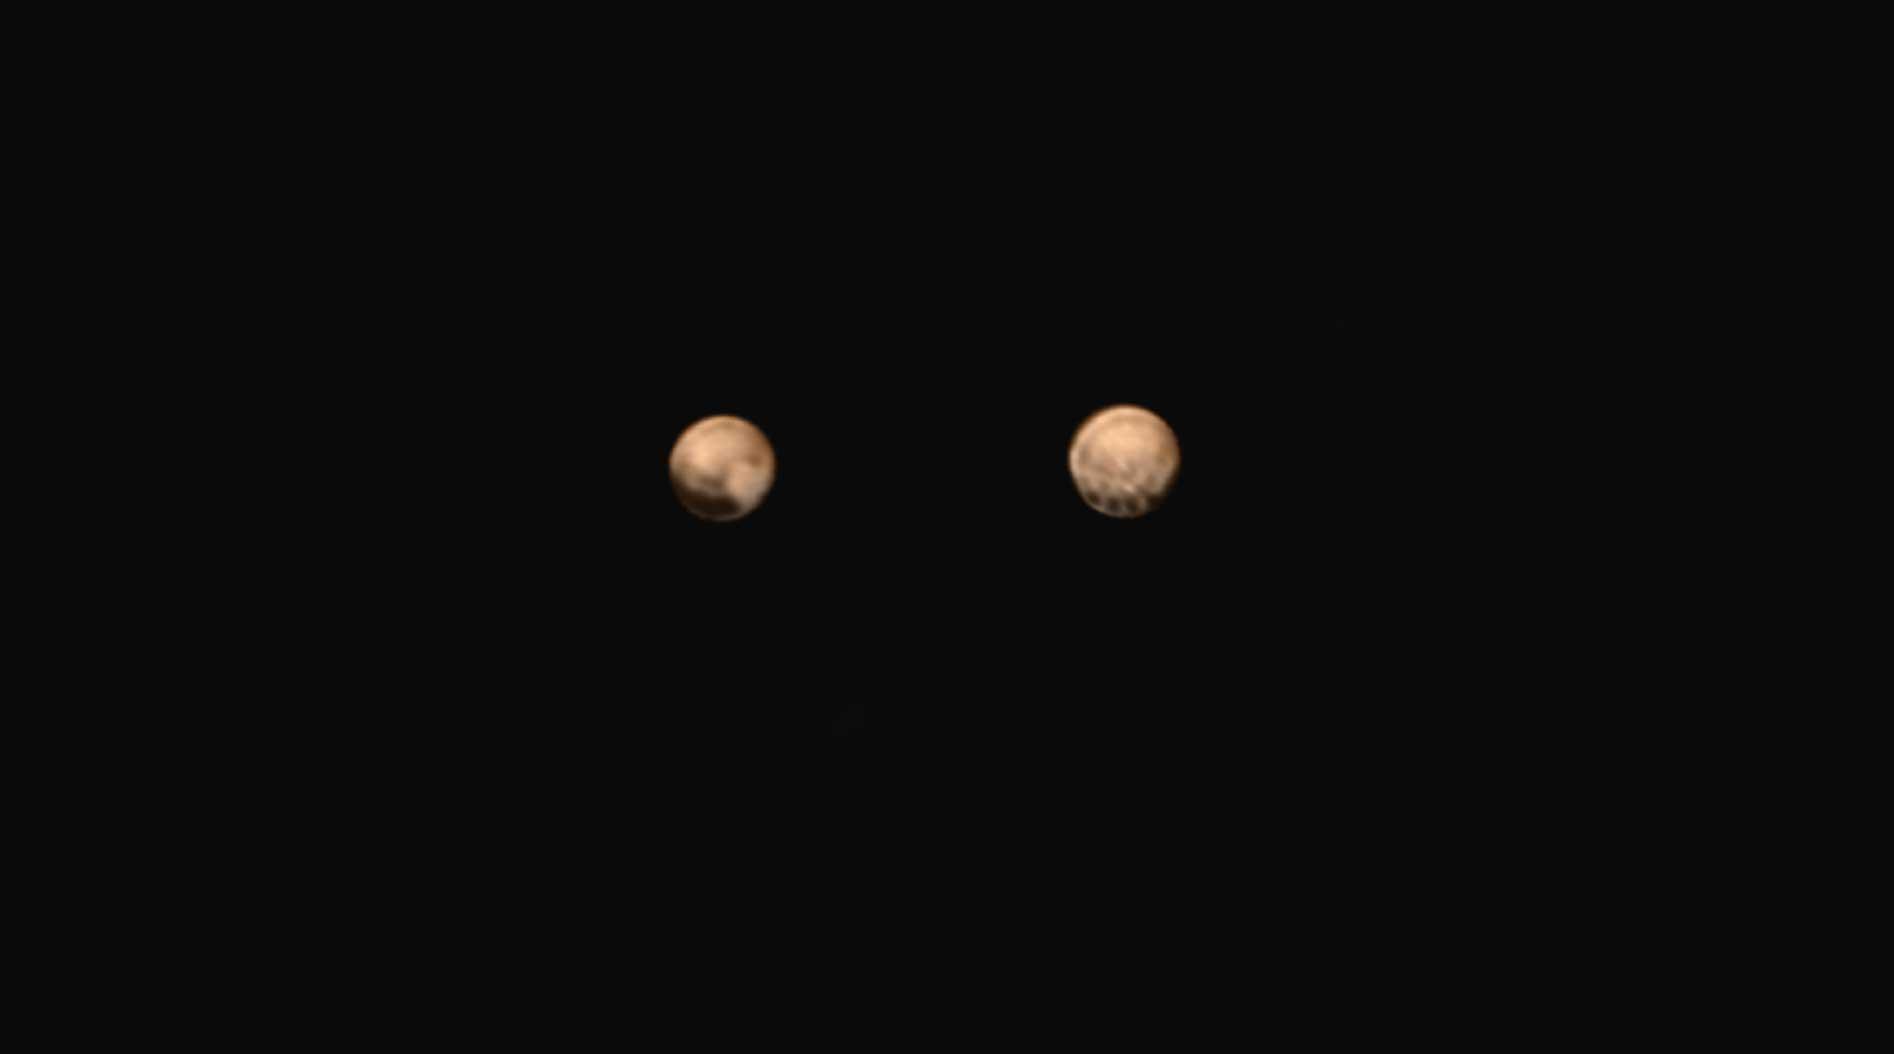 Notícias de Plutão. - Página 2 Nh-7-1-15_pluto_charon_color_hemispheres_unannotated_jhuapl_nasa_swri-no-boxes-3_1